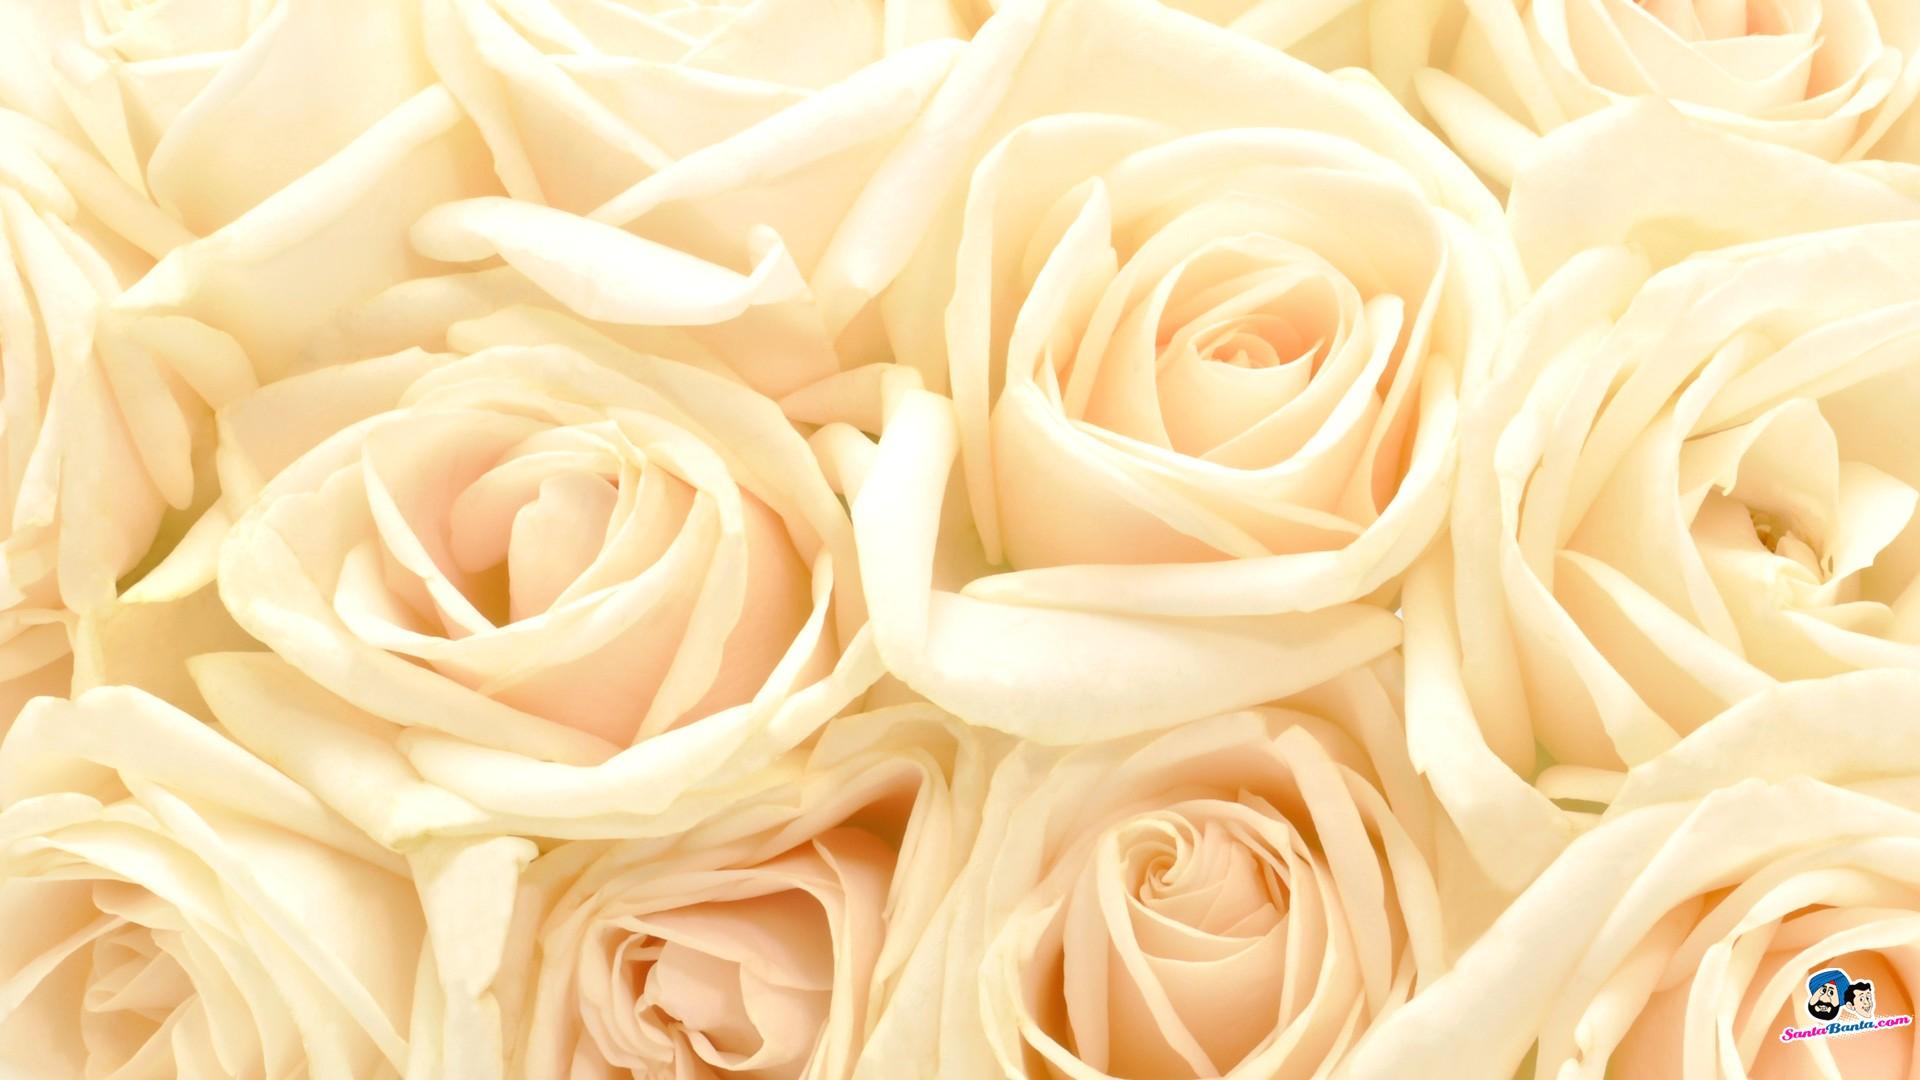 Roses Fond D Cran Tumblr Avec Roses Wallpaper Tumblr4 - White Roses Wallpaper Hd , HD Wallpaper & Backgrounds